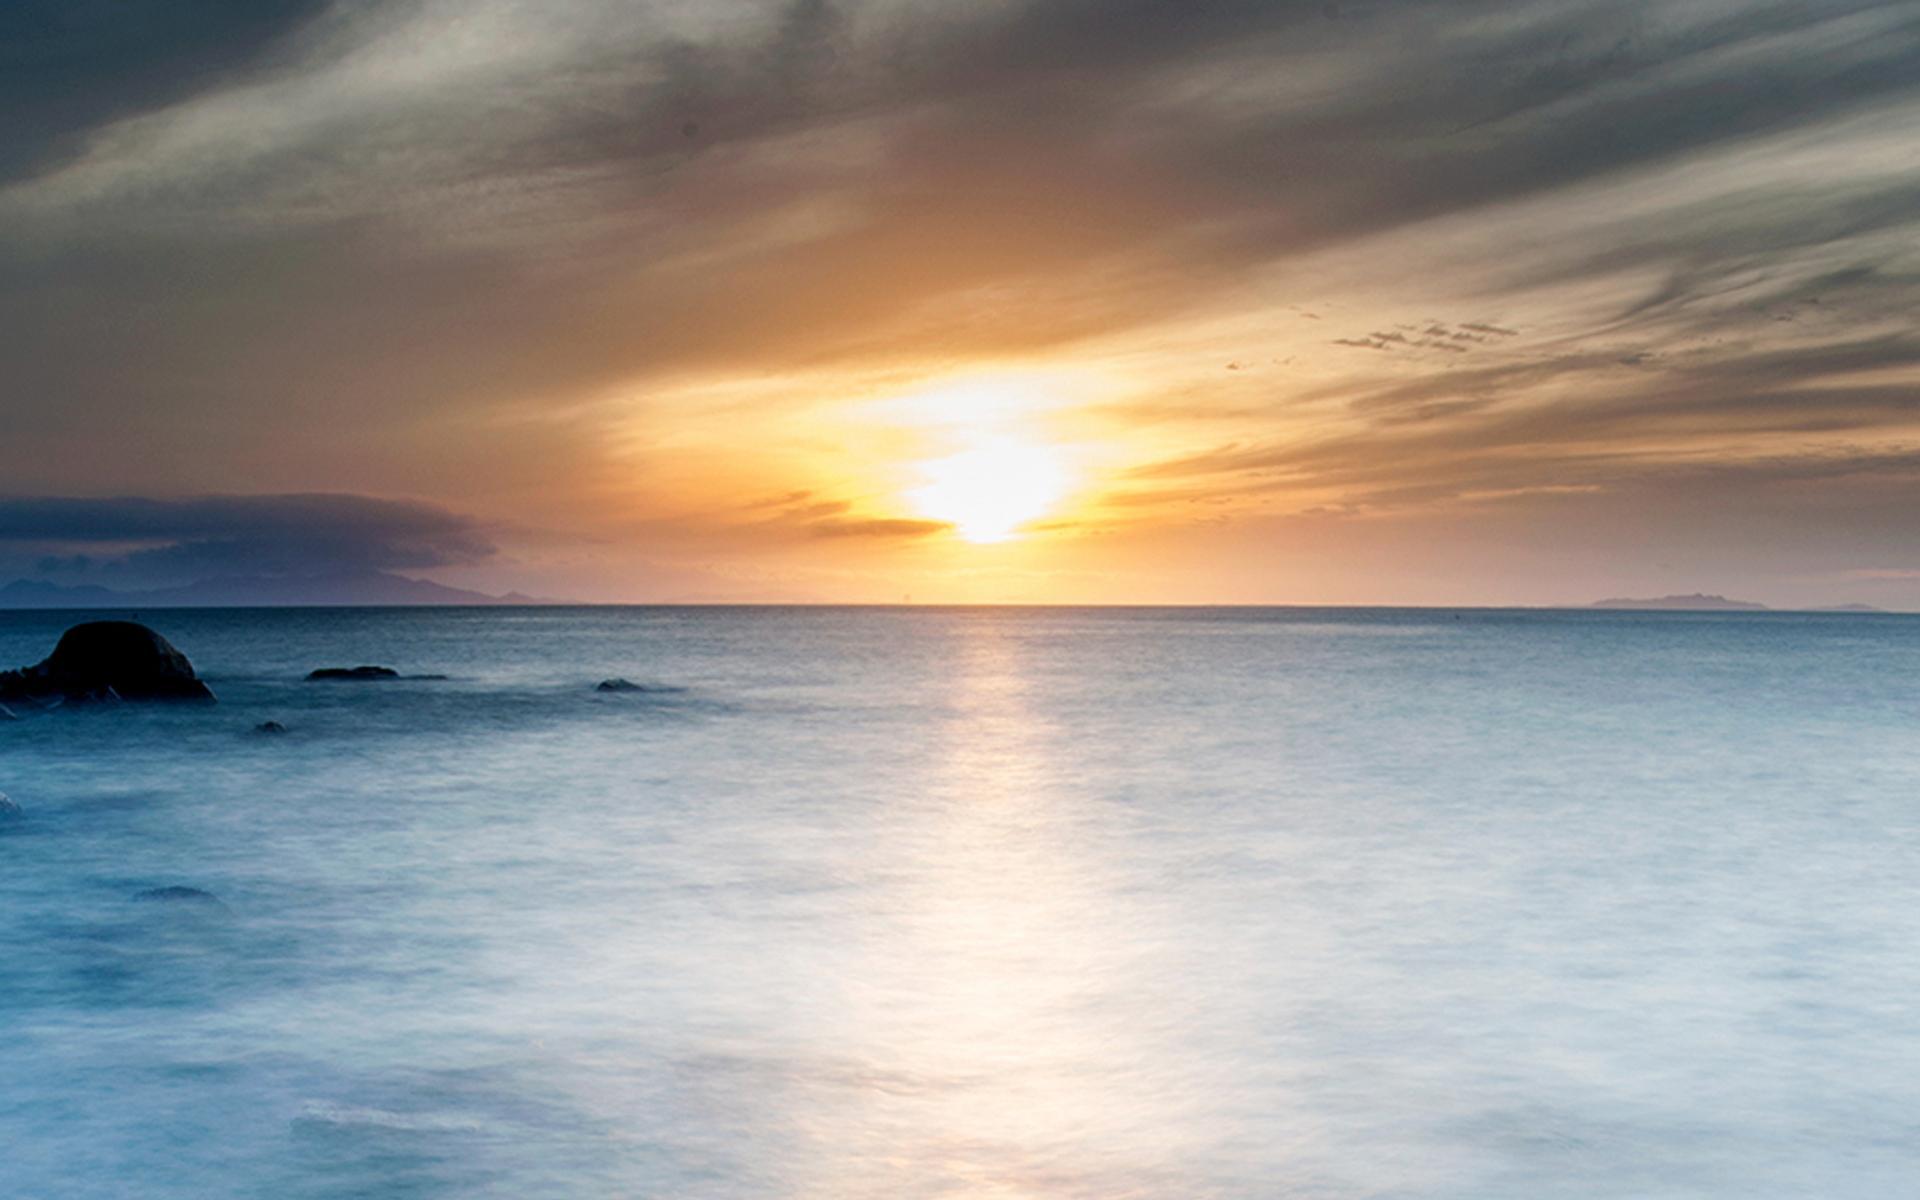 汕尾风车岛风景图片桌面壁纸_图片新闻_东方头条